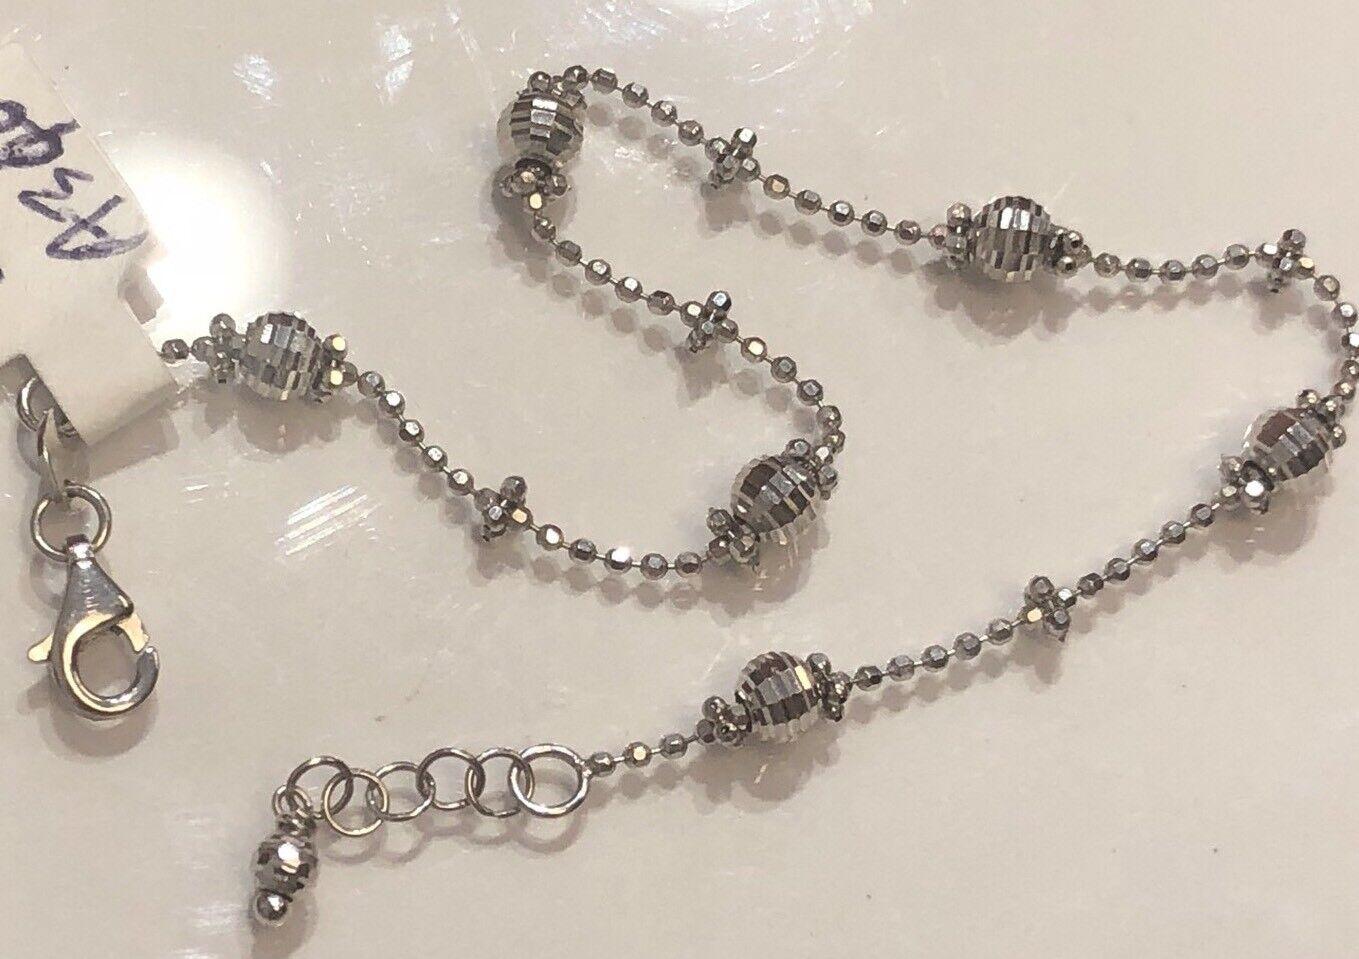 18K White gold Thin Shinny Diamond Cut Balls Bracelet 2.6 Grams - 7  Women